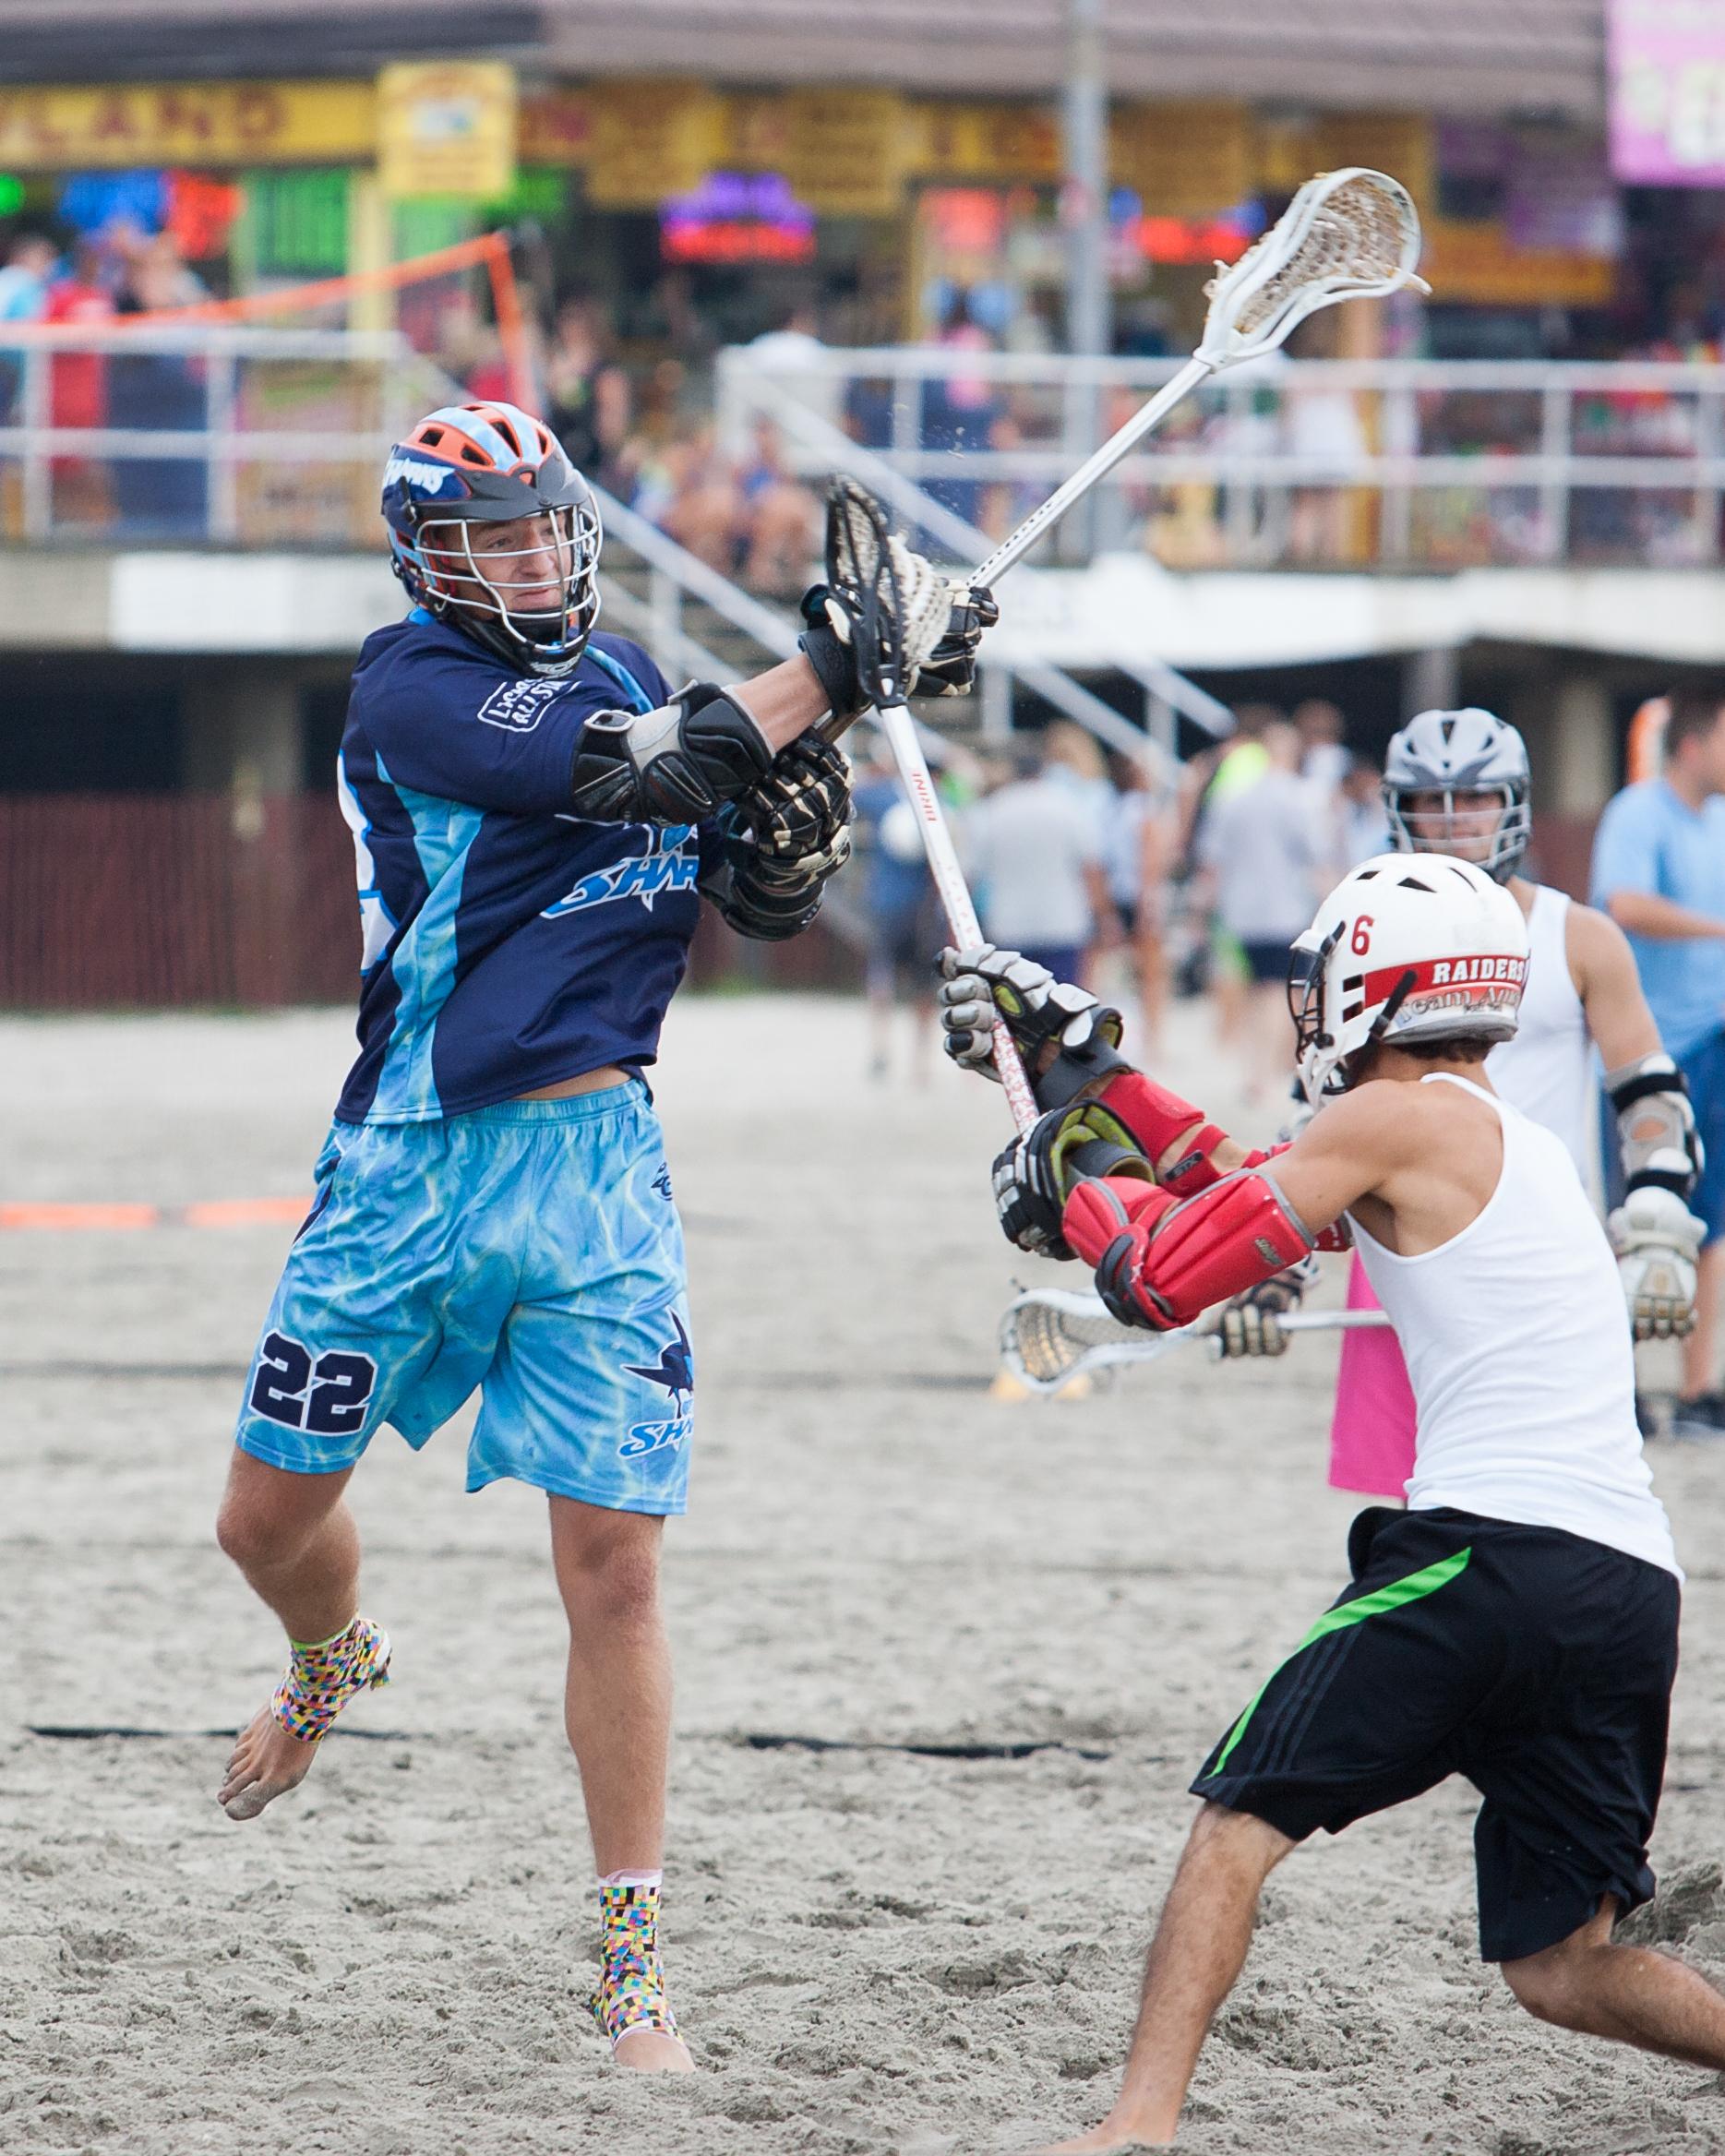 beach lacrosse 2012 new jersey